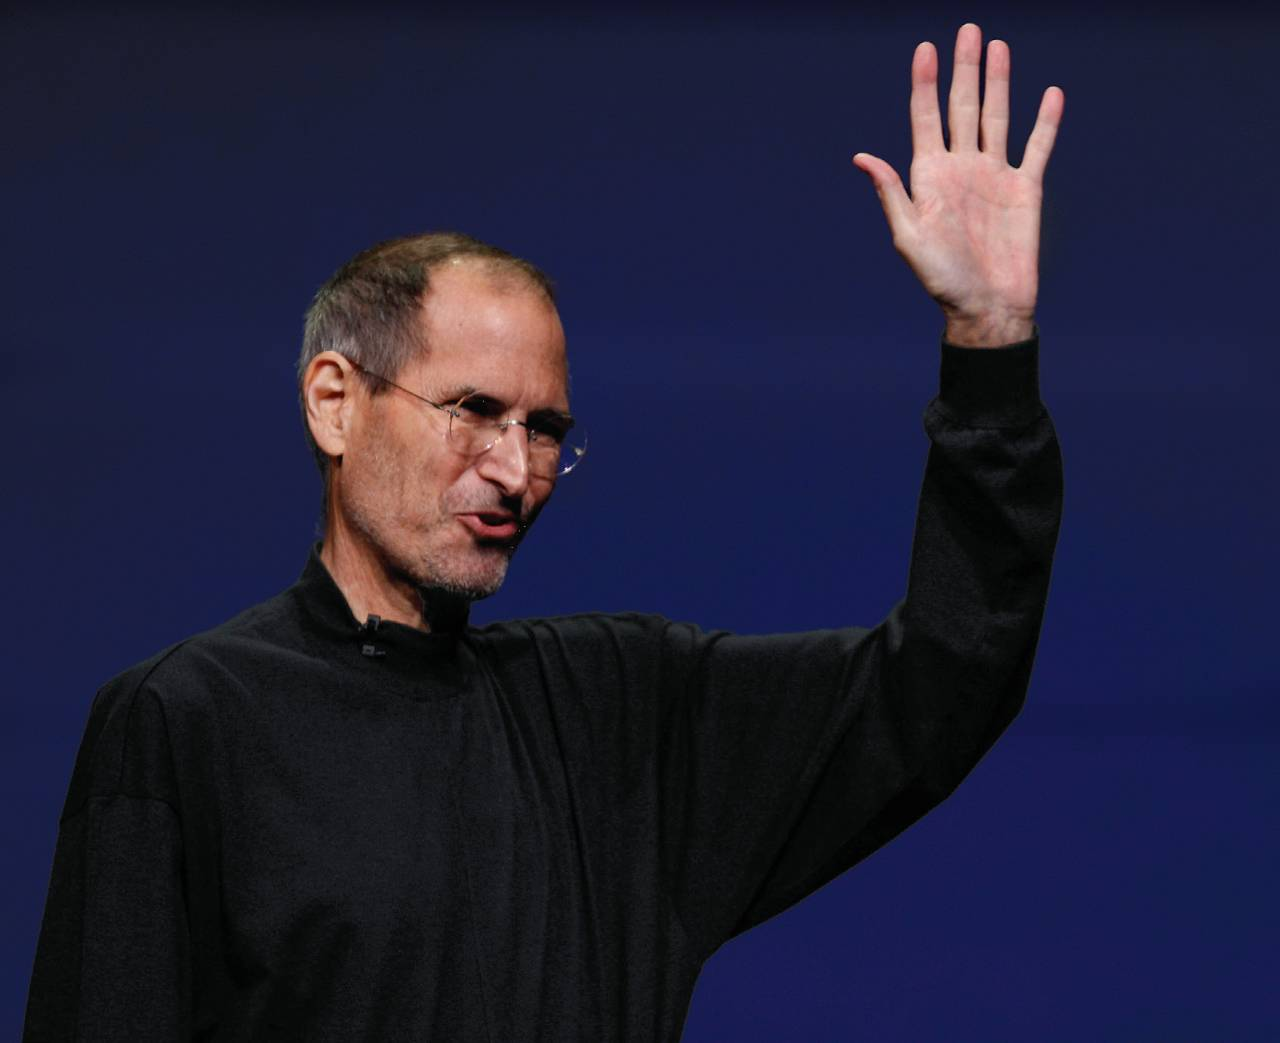 乔布斯在2011年3月2日举行的iPad2发布会上向观众挥手。这是乔布斯出席的最后一次发布会,他于7个月后离开人世。